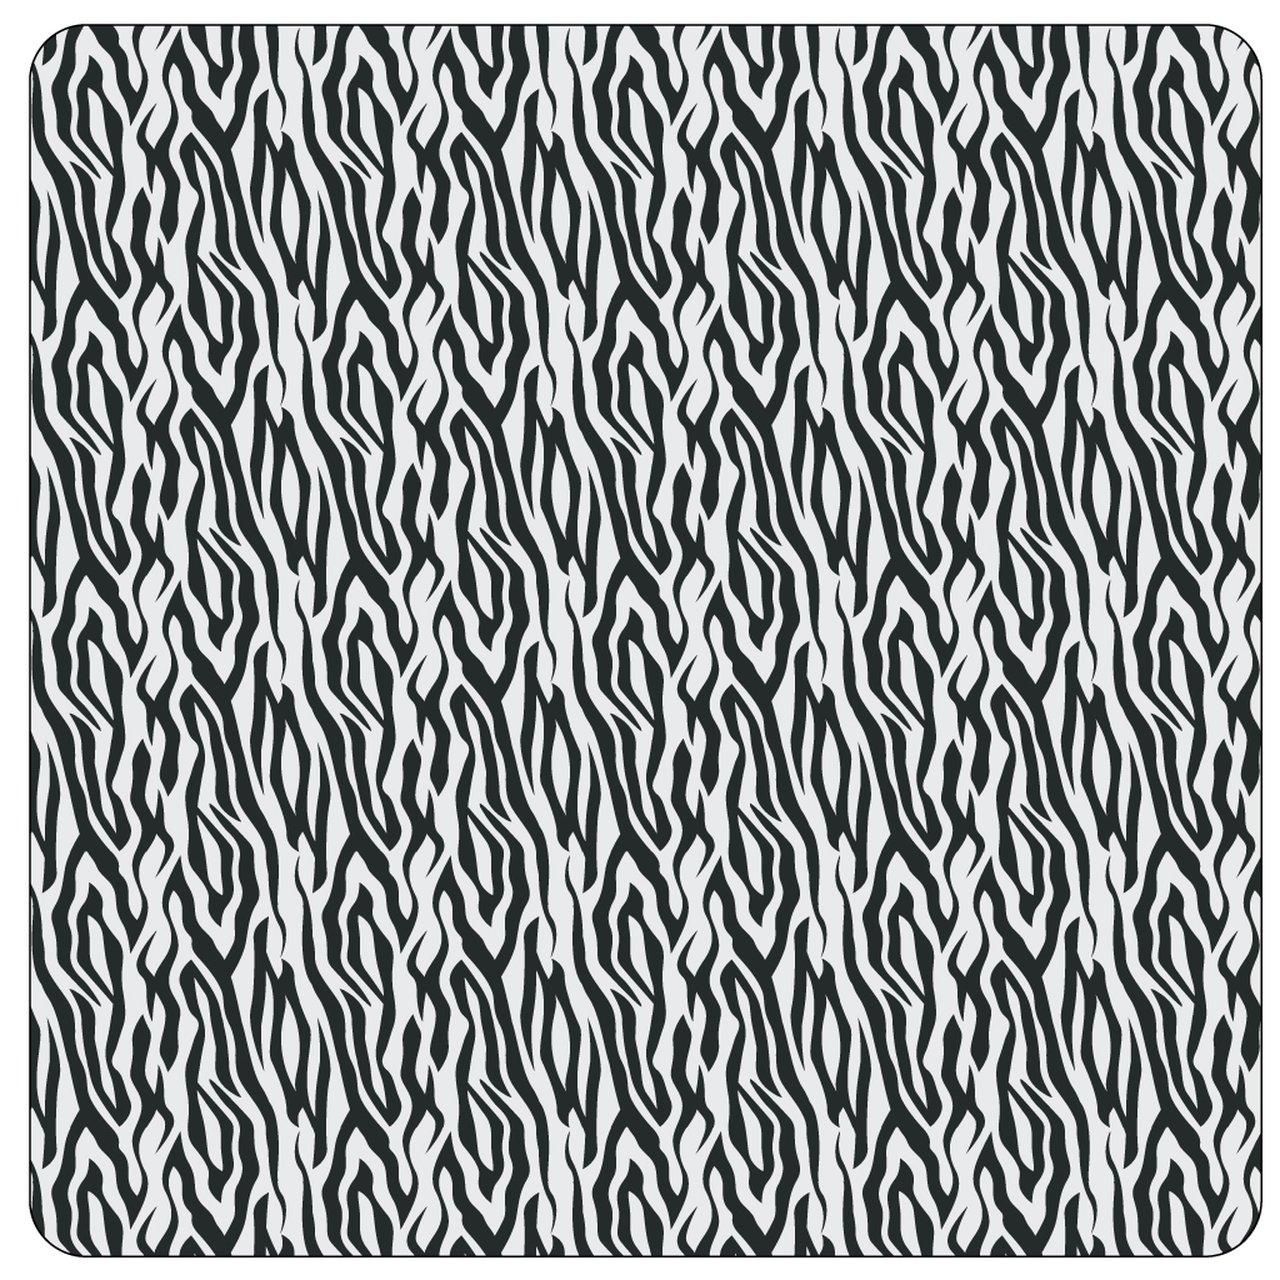 Black and White Zebra HTV 12 x 14